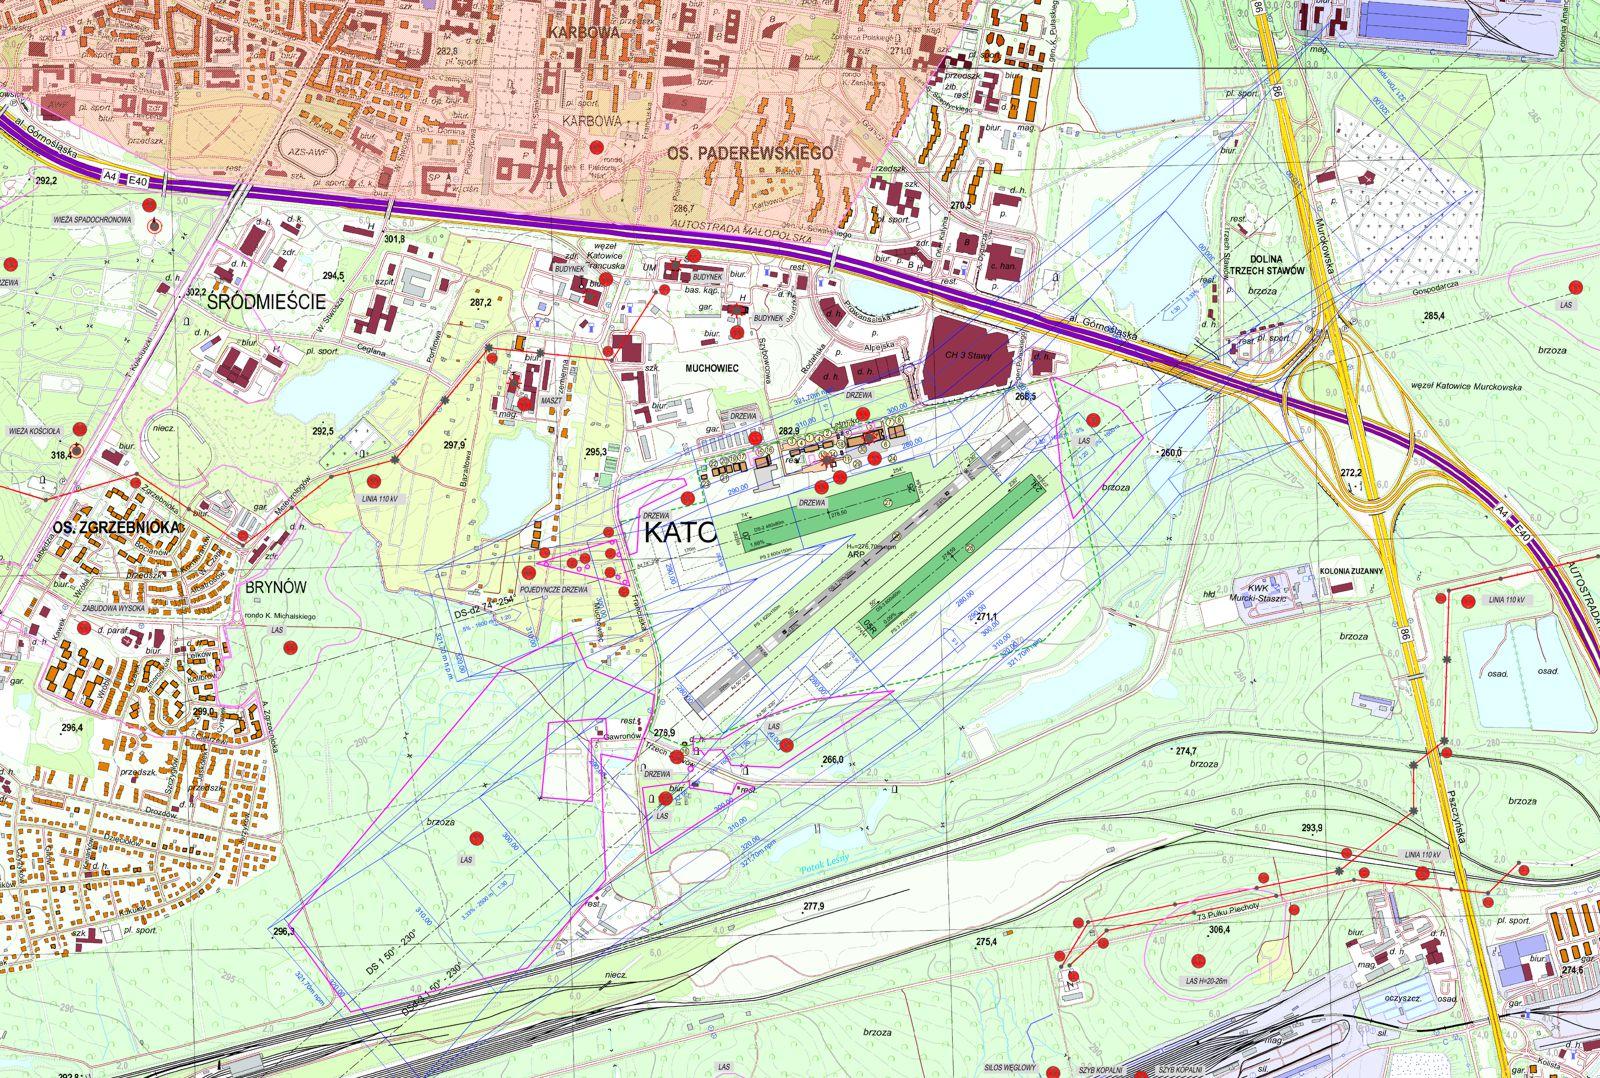 Mapa 1:5000